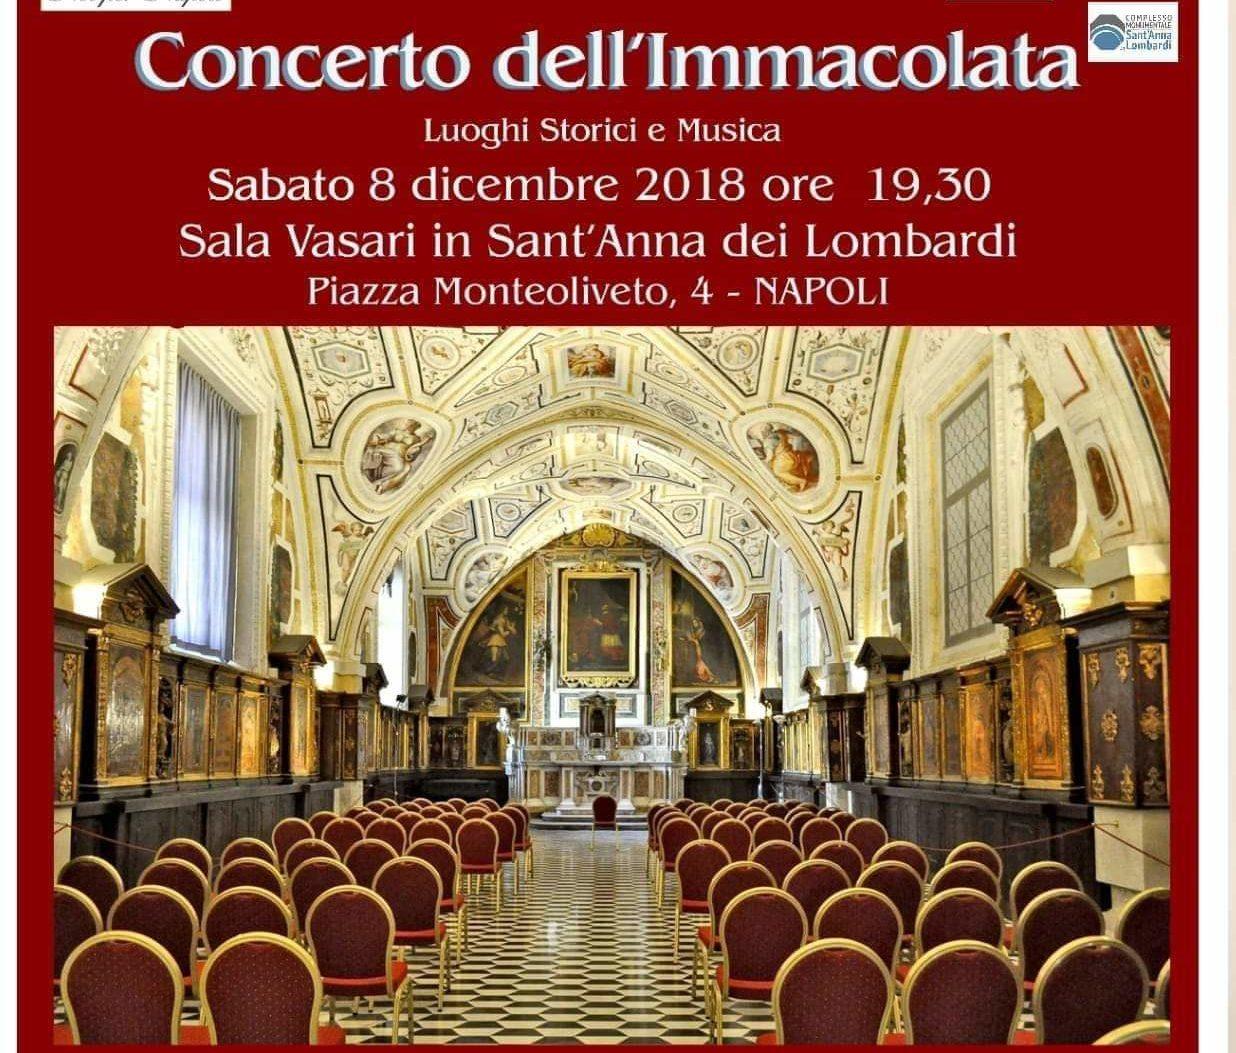 L'Associazione Noi per Napoli presenta il Concerto dell'Immacolata 2018